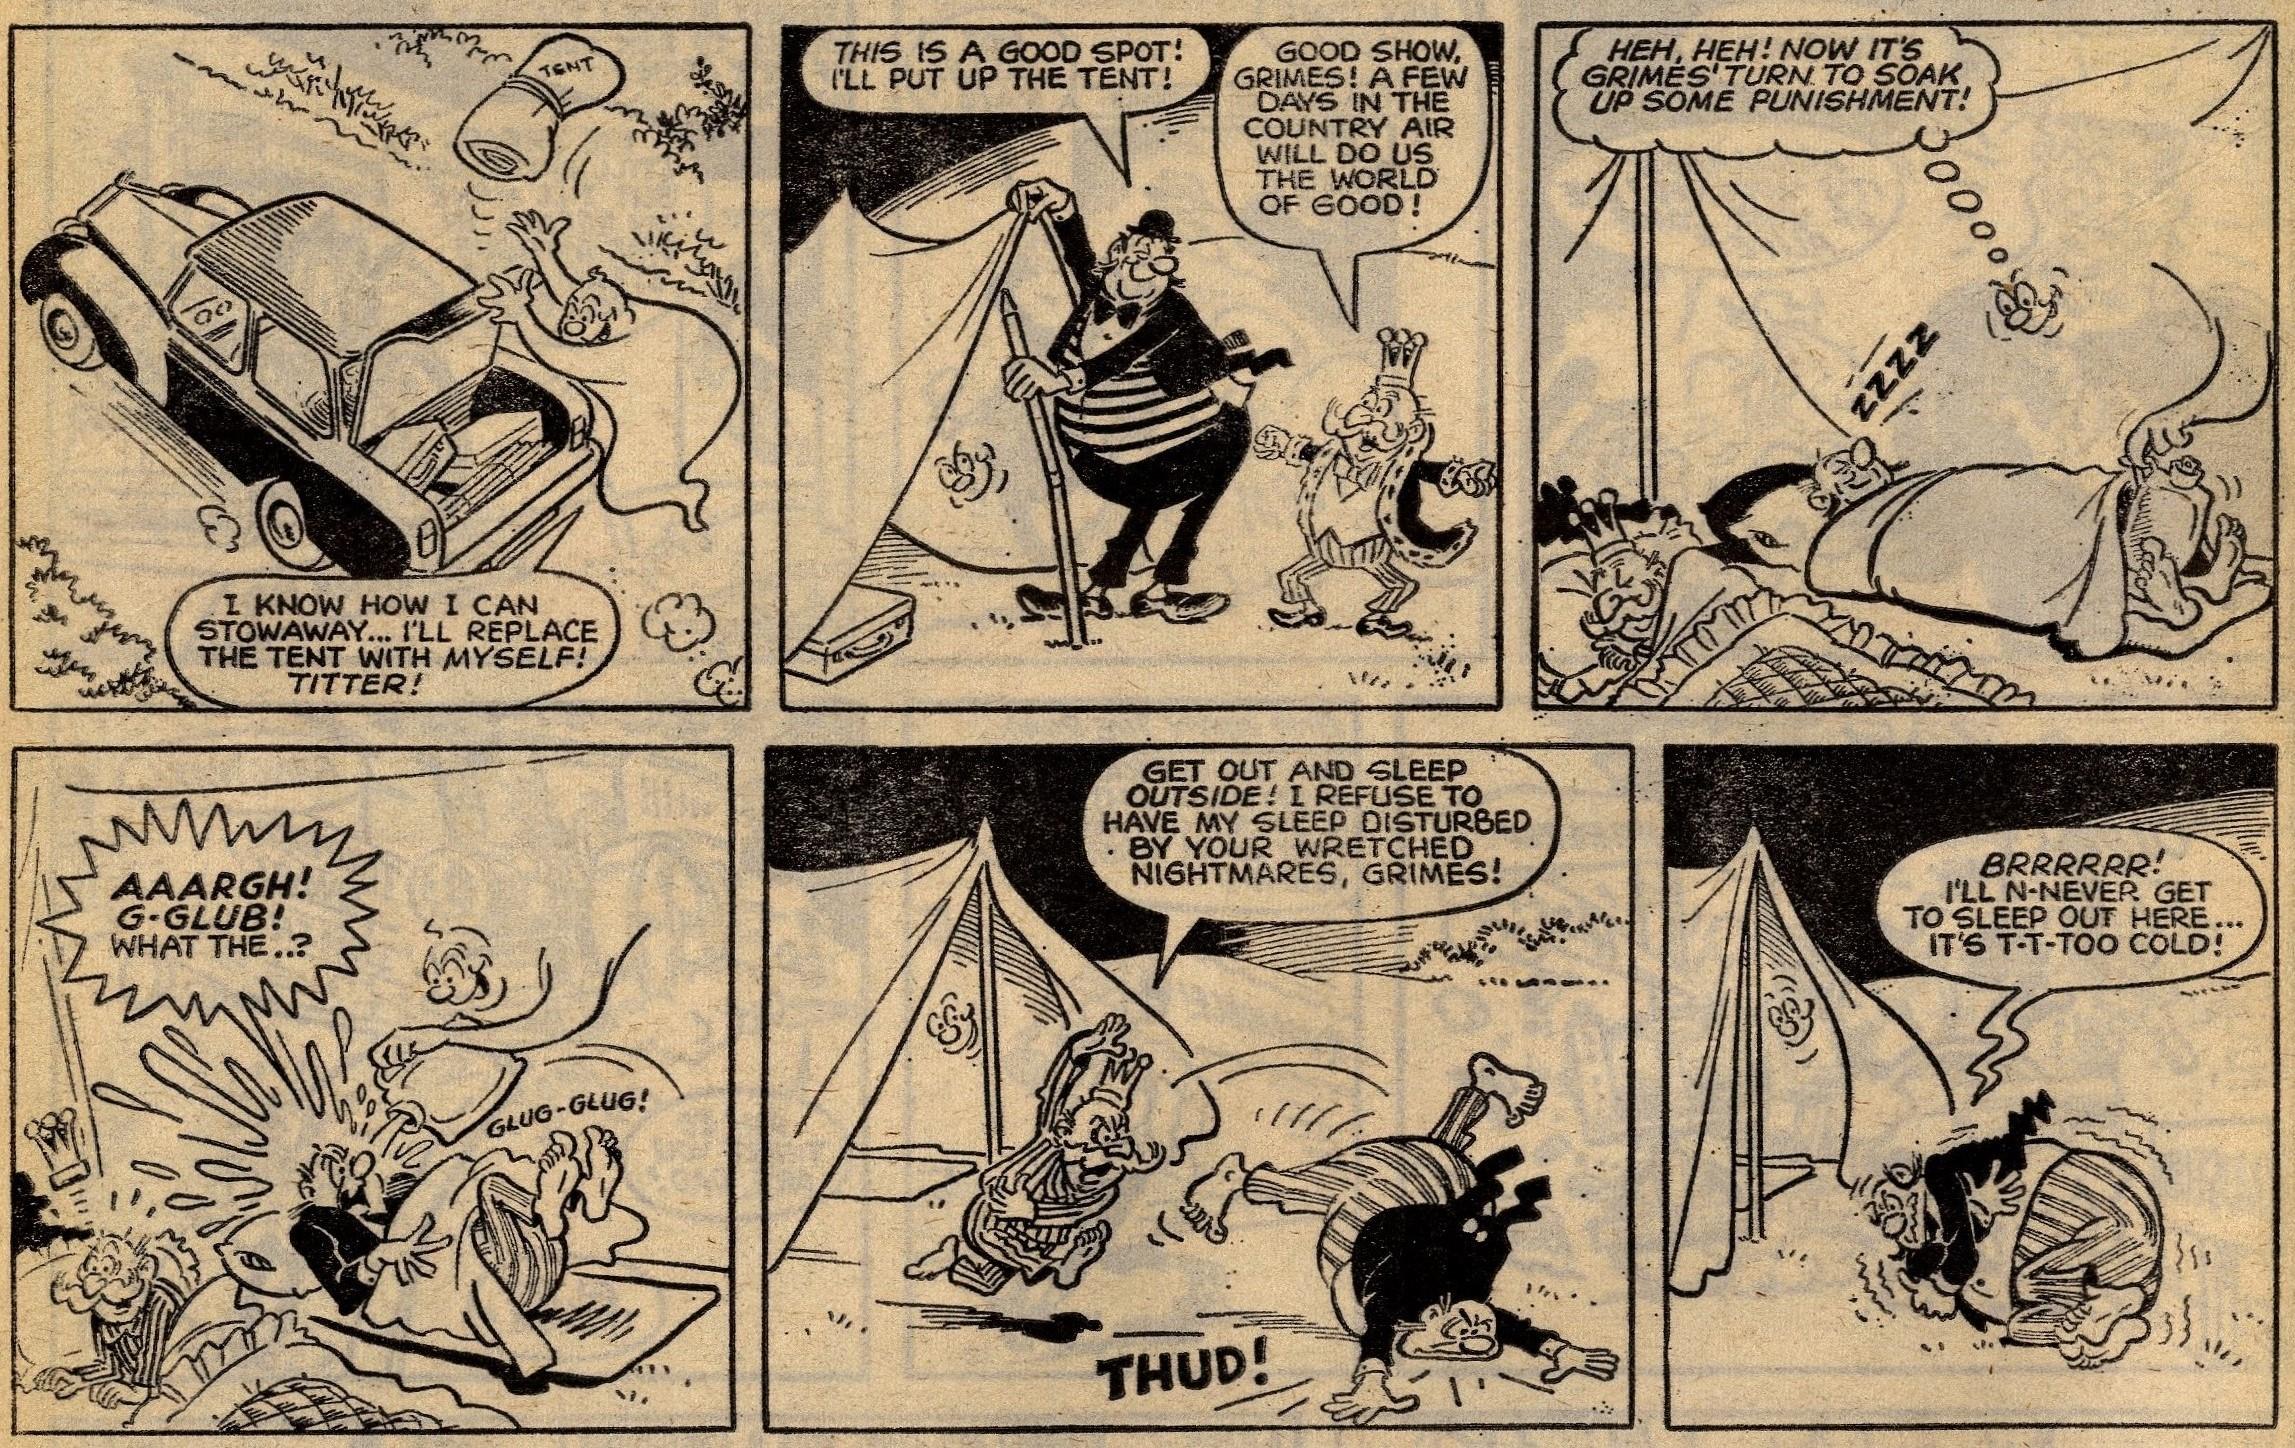 The Duke's Spook: Arthur Martin (artist)